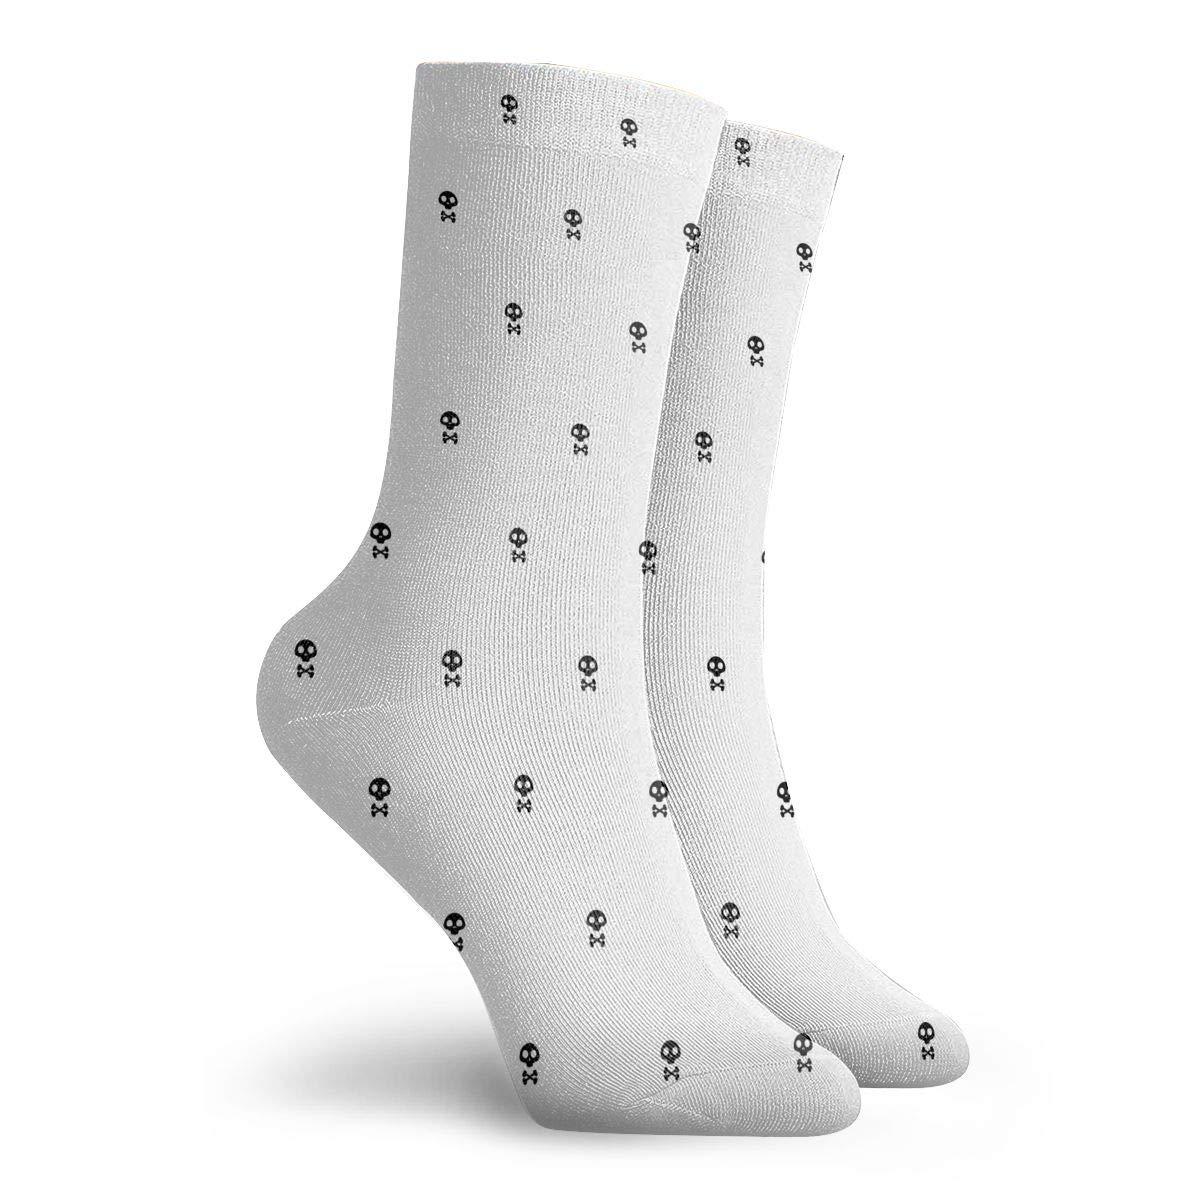 Unisex Skull On The White Background Athletic Quarter Ankle Print Breathable Hiking Running Socks